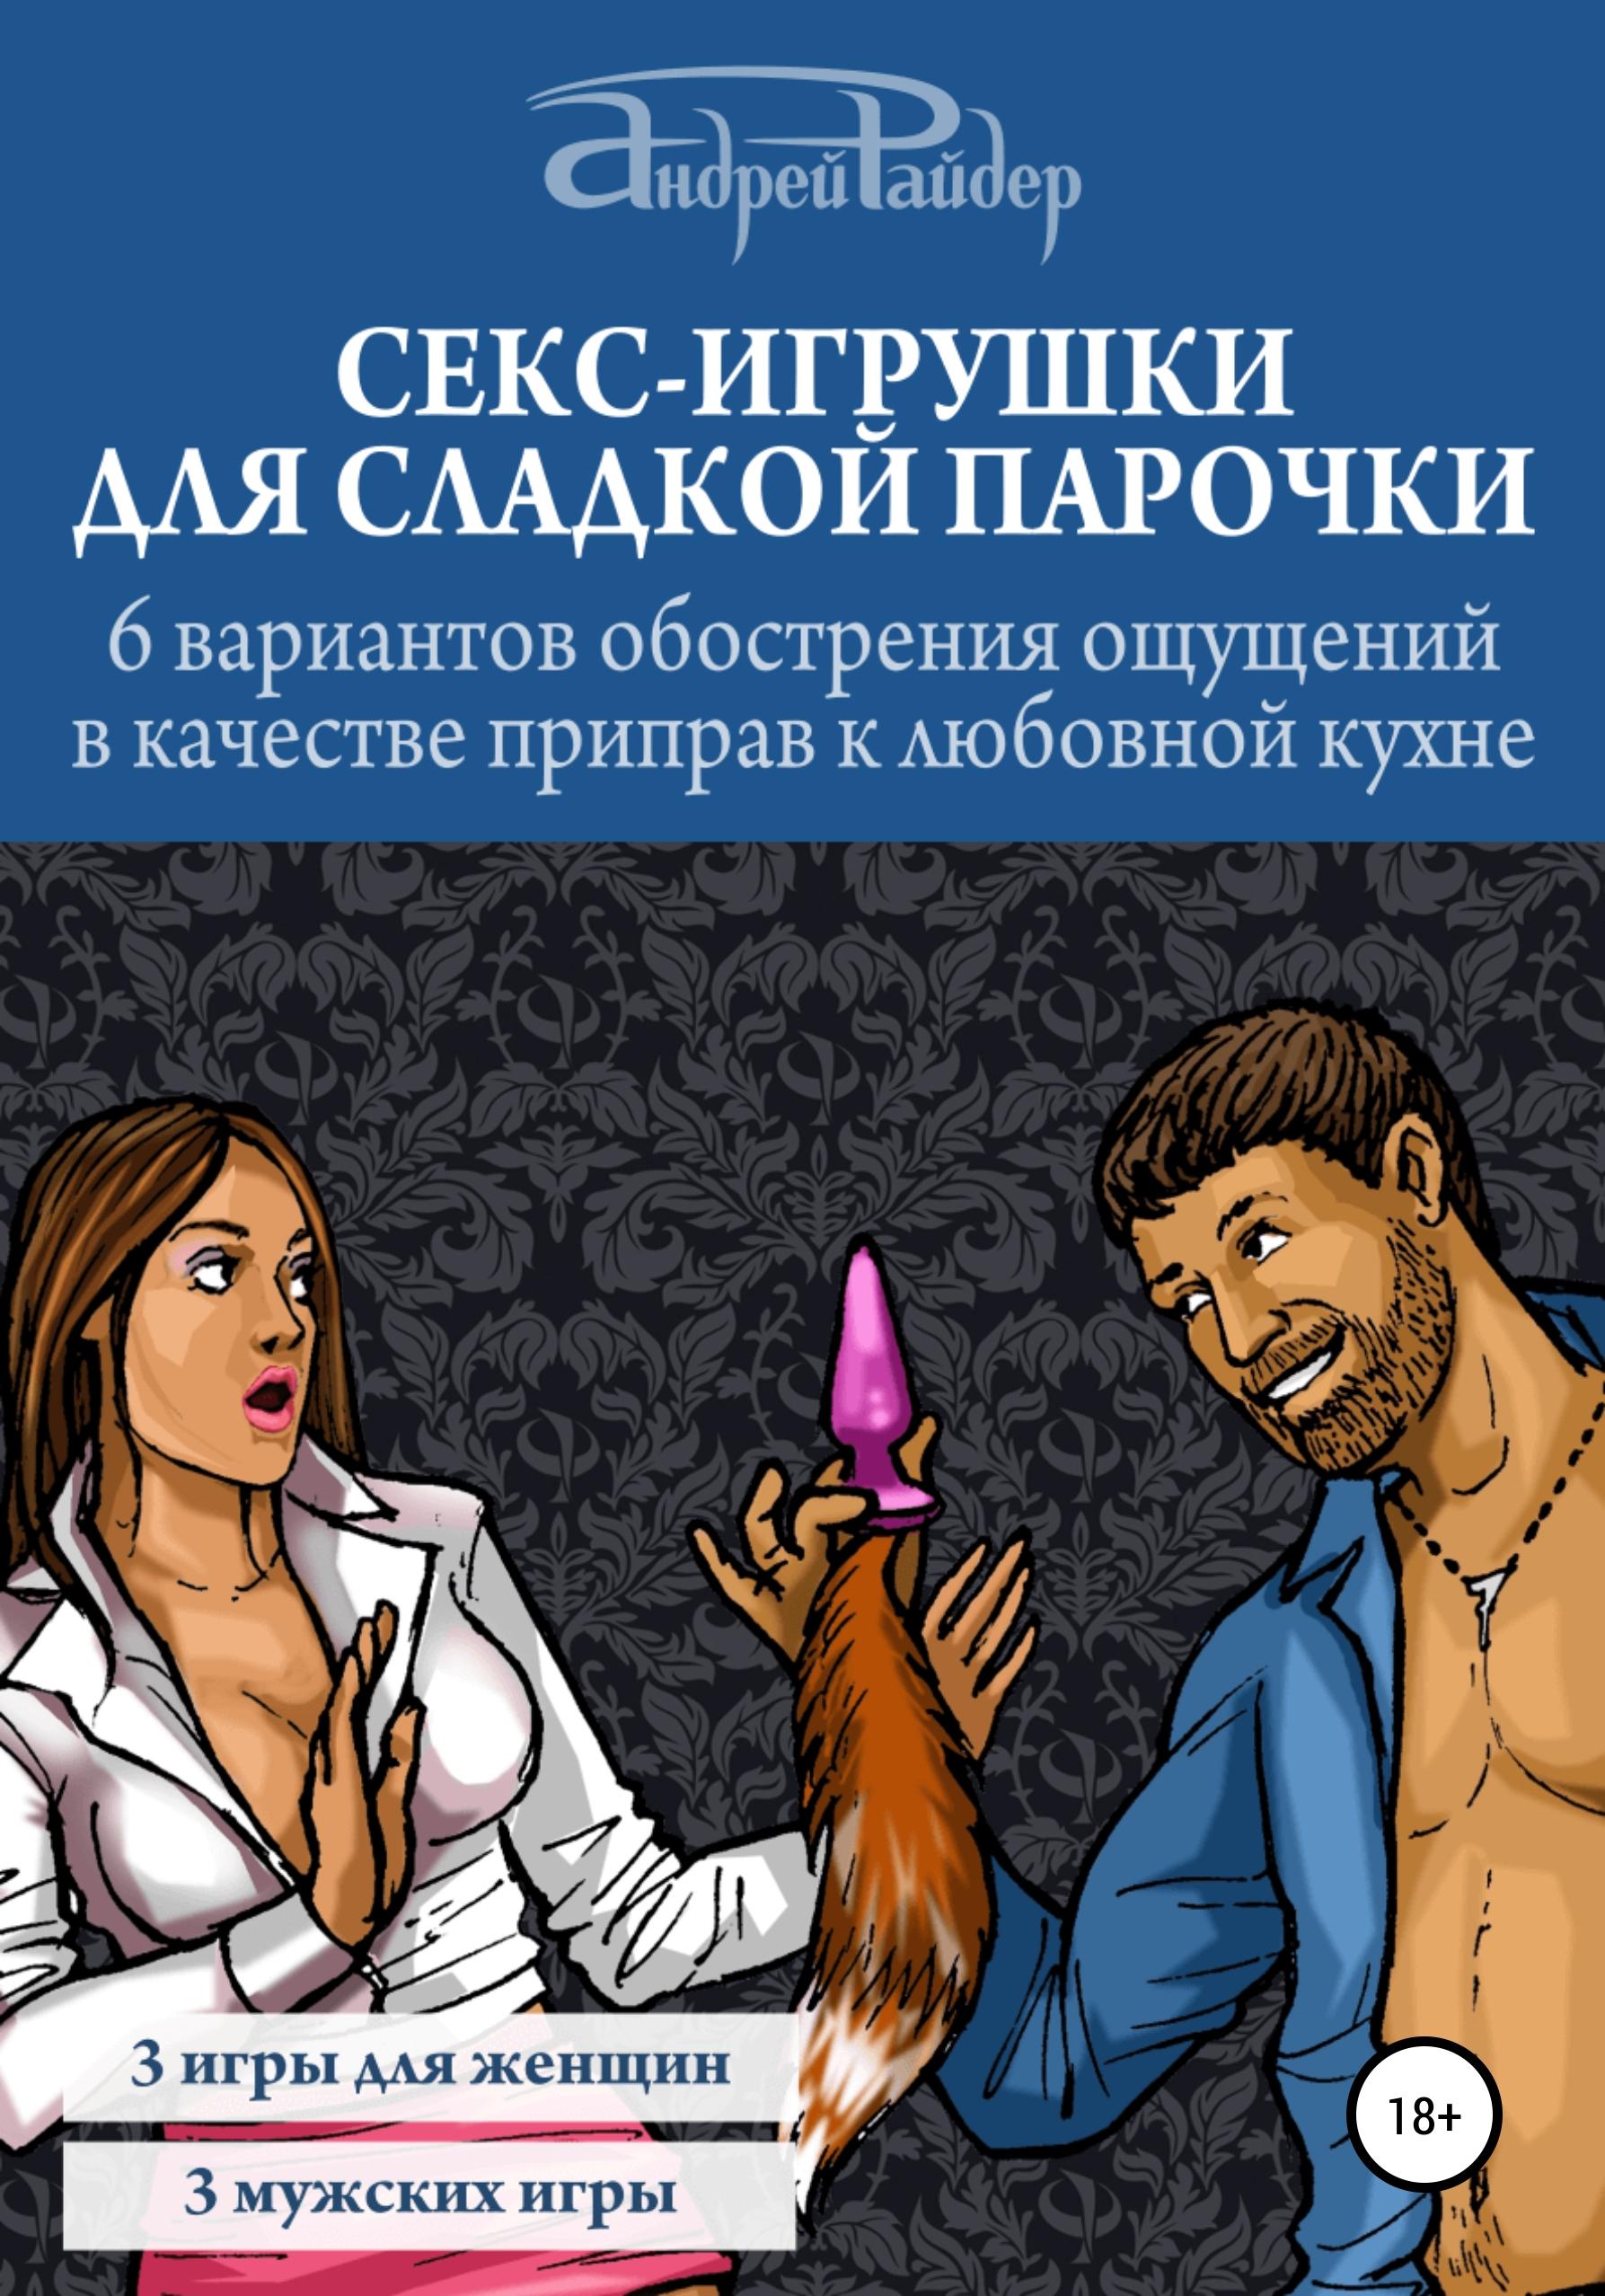 Секс-игрушки для сладкой парочки. 6 вариантов обострения ощущений в качестве приправ к любовной кухне